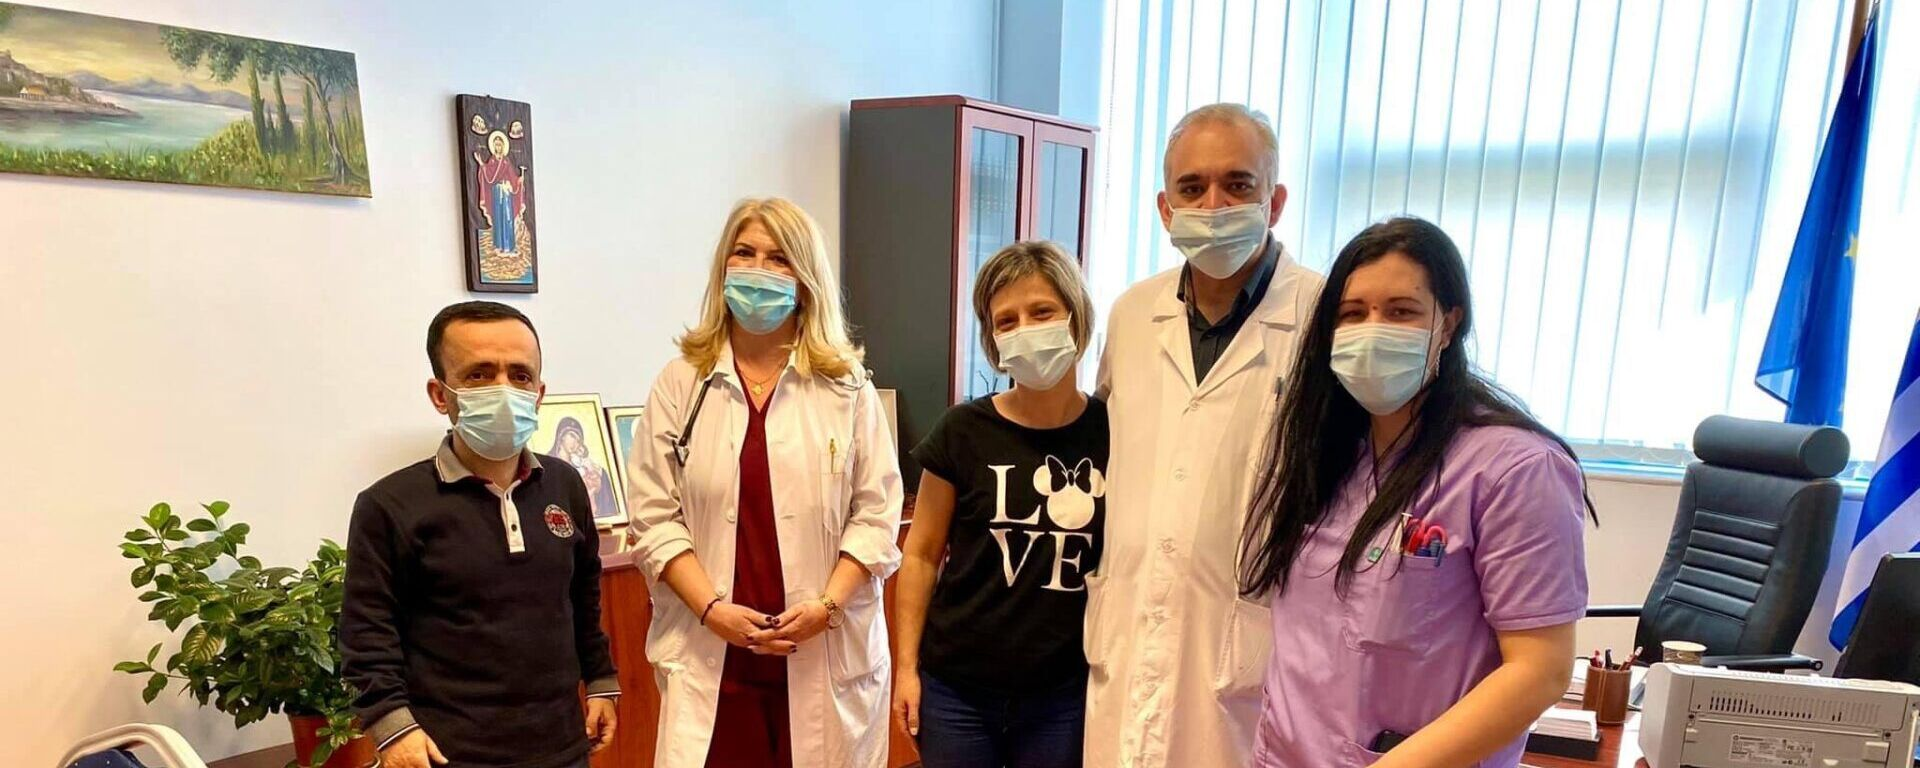 Κέρκυρα: Εξιτήριο πήρε η 40χρονη νοσηλεύτρια - Sputnik Ελλάδα, 1920, 19.02.2021